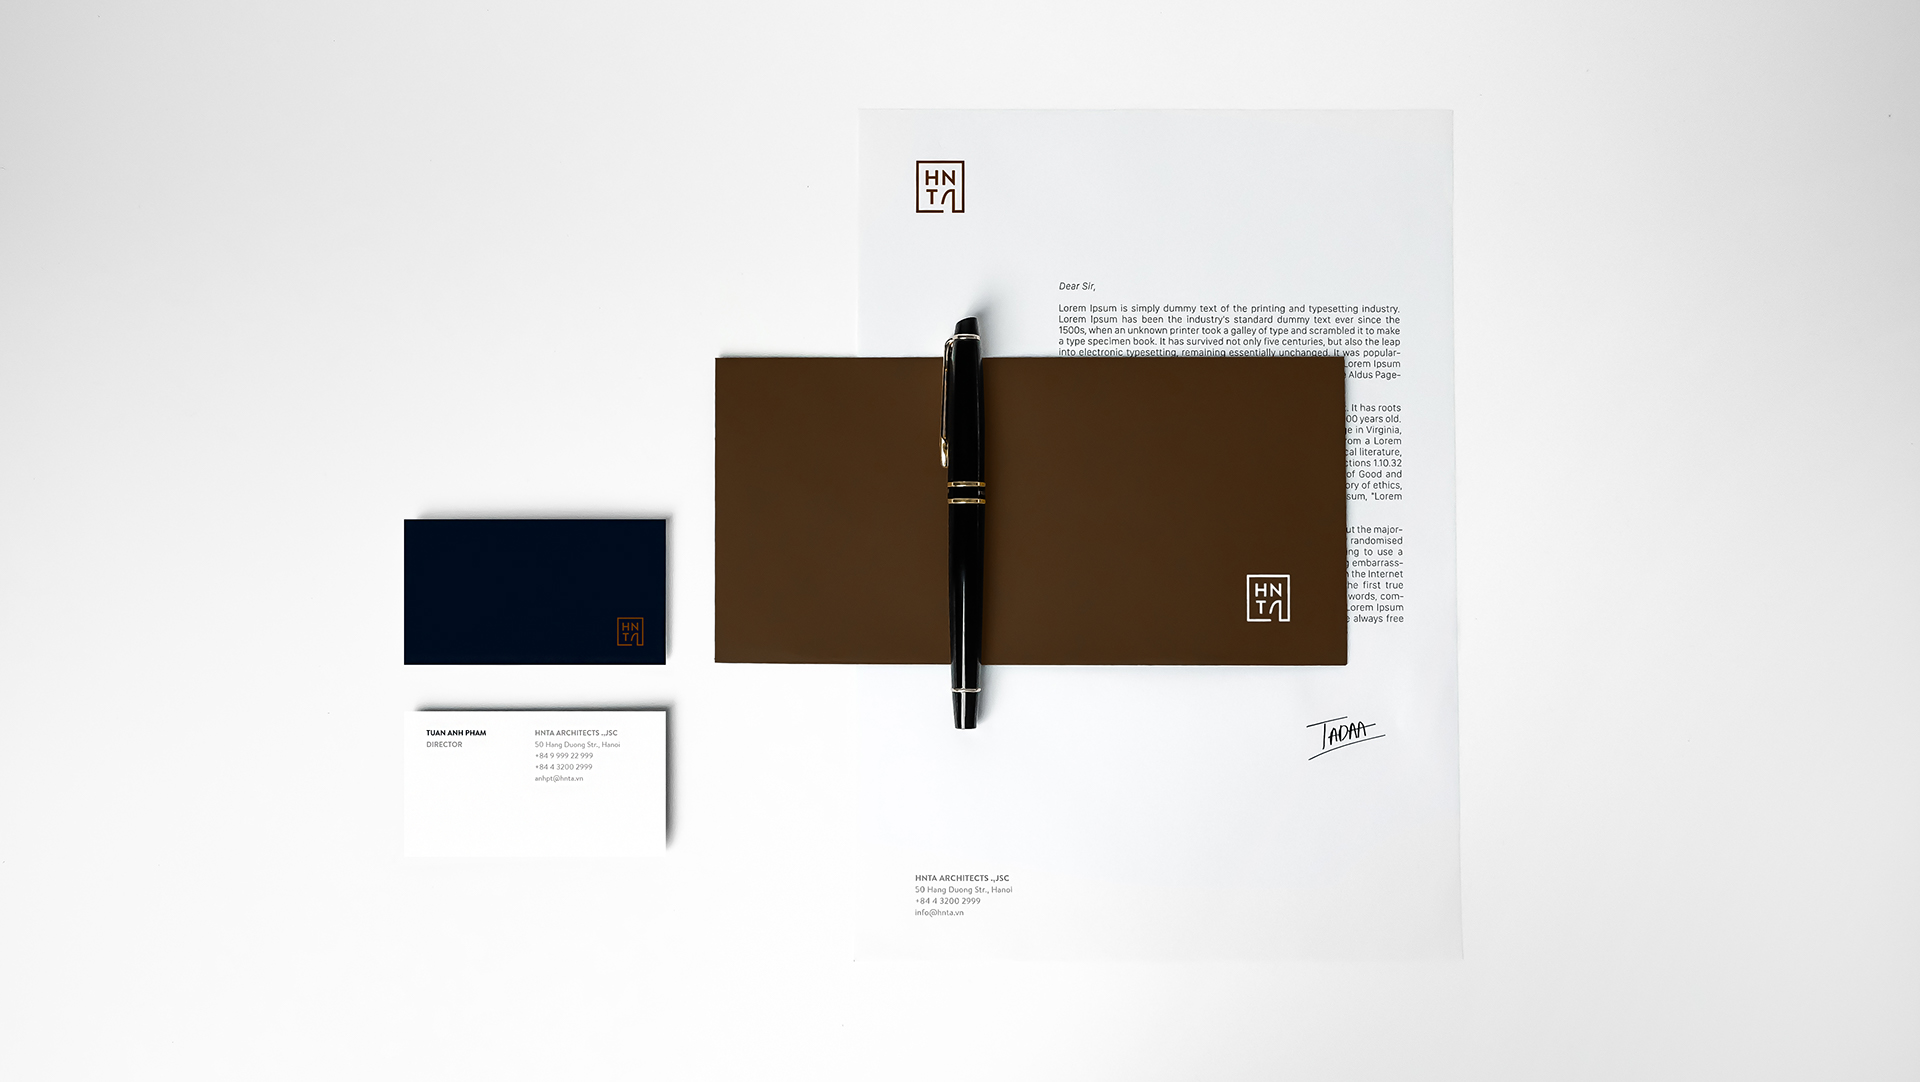 Design Studi- Online, Design Studio Online, DS-O, DSO, dsovn, design studio, studio online, design, studio, dịch vụ thiết kế đồ họa chuyên nghiệp, dịch vụ graphic design, dịch vụ design, dịch vụ tư vấn định hướng hình ảnh chuyên nghiệp, dịch vụ thiết kế nhận diện thương hiệu, dịch vụ thiết kế hệ thống nhận diện thương hiệu, dịch vụ thiết kế visual identity, dịch vụ thiết kế logo, dịch vụ thiết kế biểu tượng thương hiệu, dịch vụ thiết kế logosymbol, dịch vụ thiết kế logotype, dịch vụ thiết kế ấn phẩm văn phòng, dịch vụ thiết kế danh thiếp, dịch vụ thiết kế tiêu đề thư, dịch vụ thiết kế phong bì.